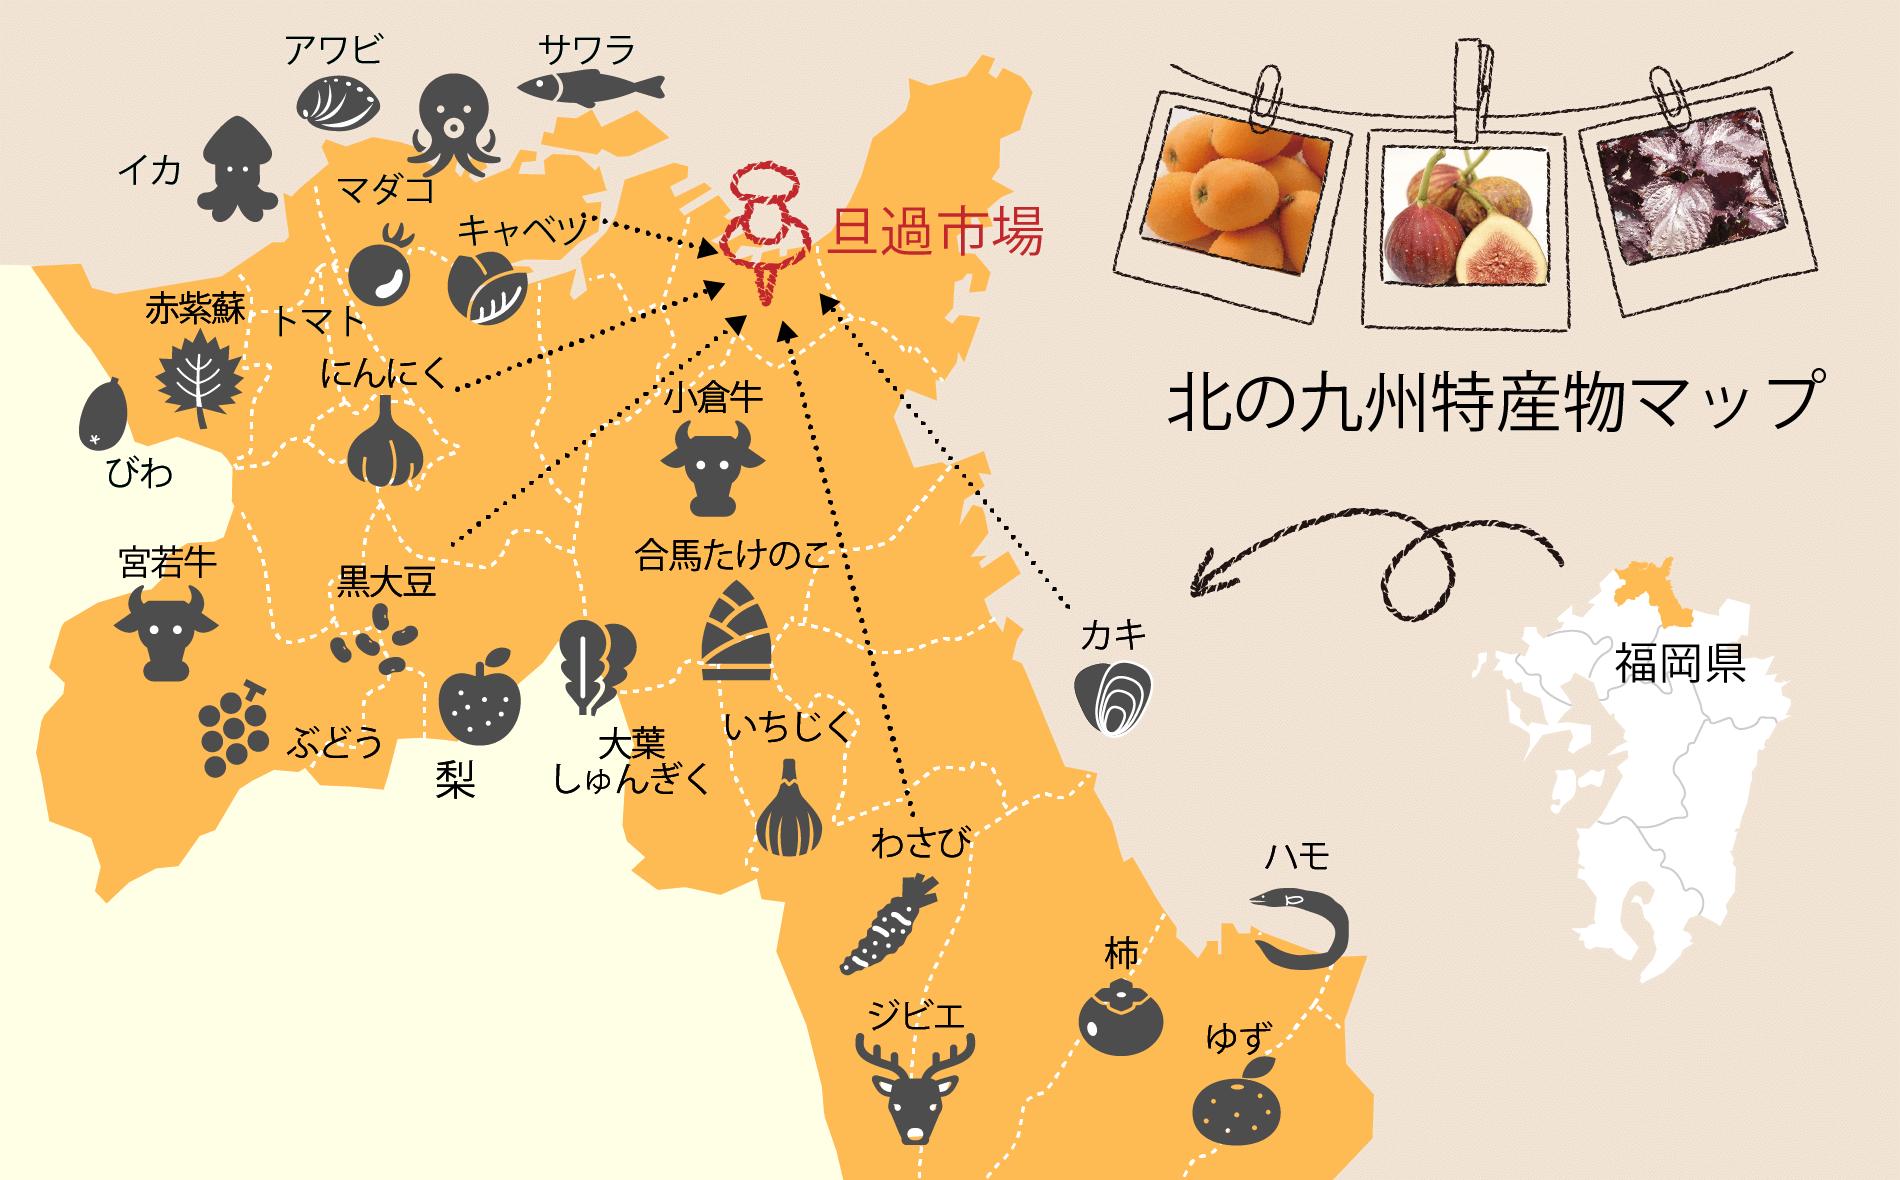 北の九州特産物マップ